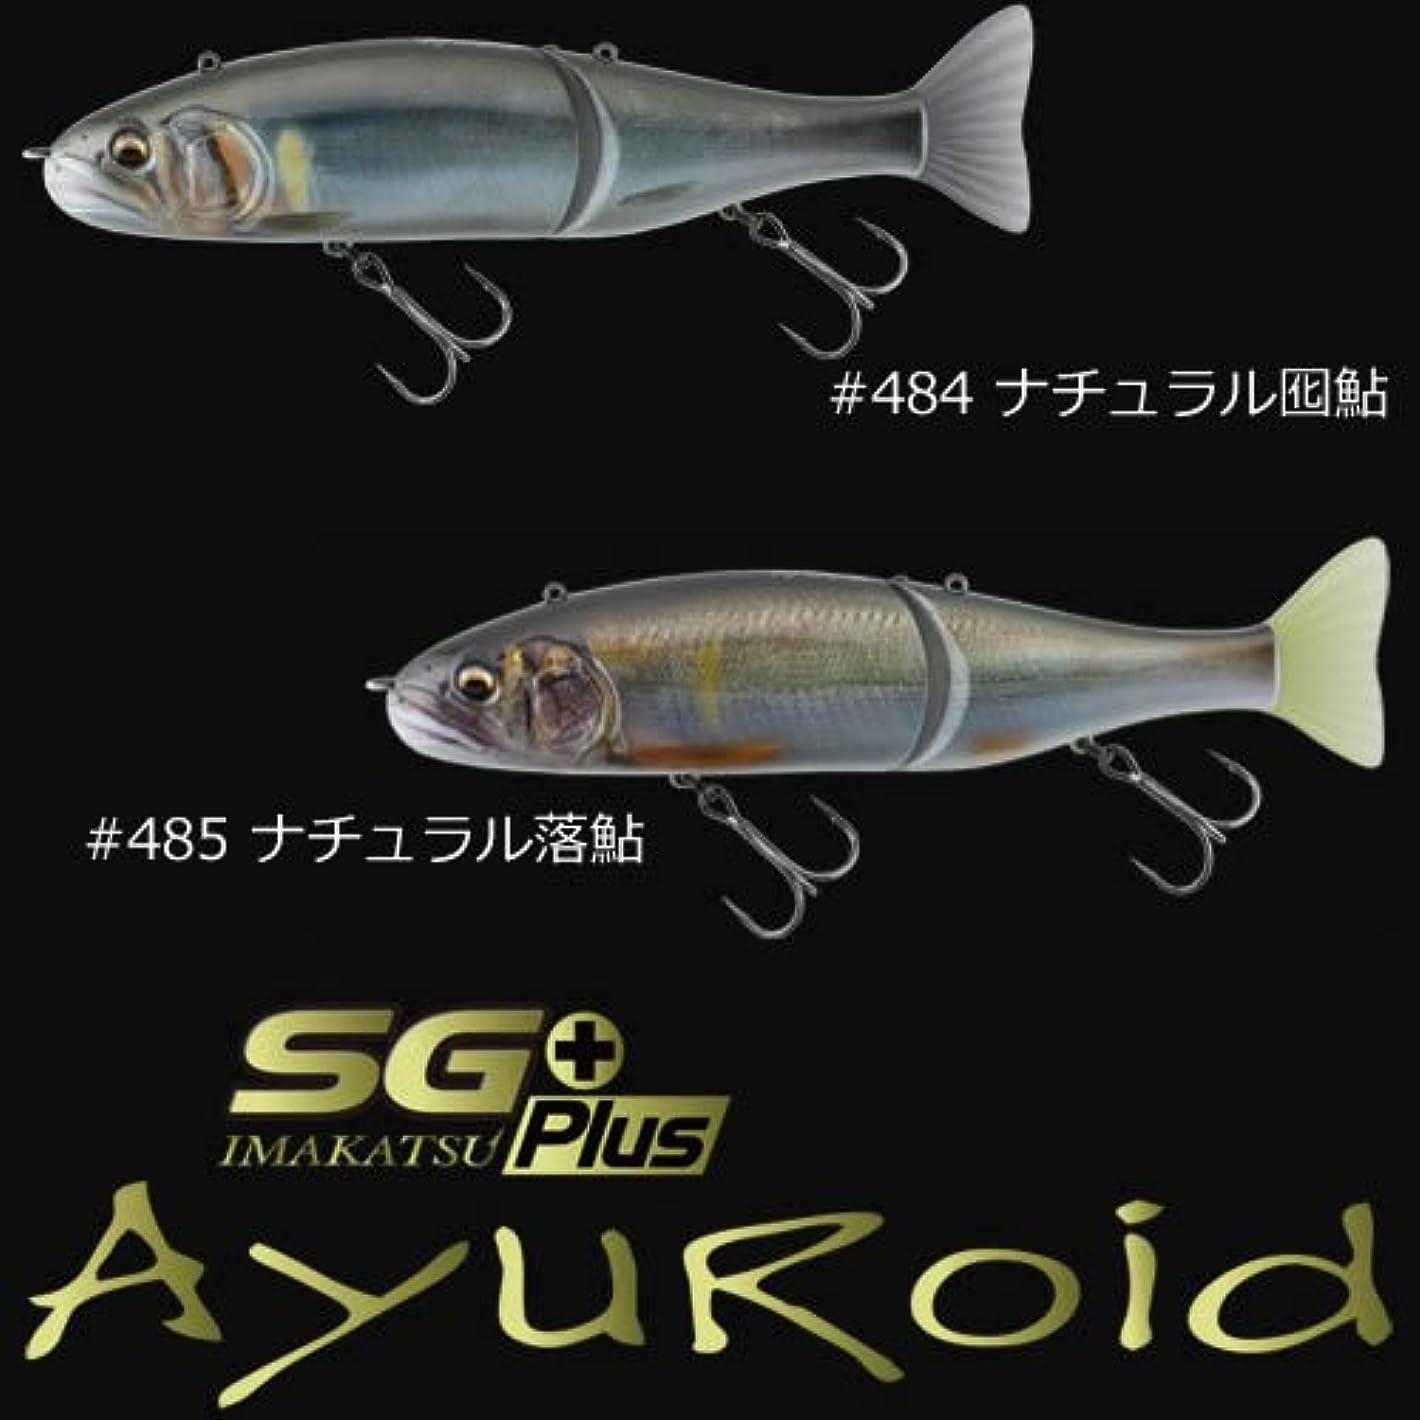 修復通行人顕著イマカツ(IMAKATSU) アユロイド SG+ 3Dエアリズム